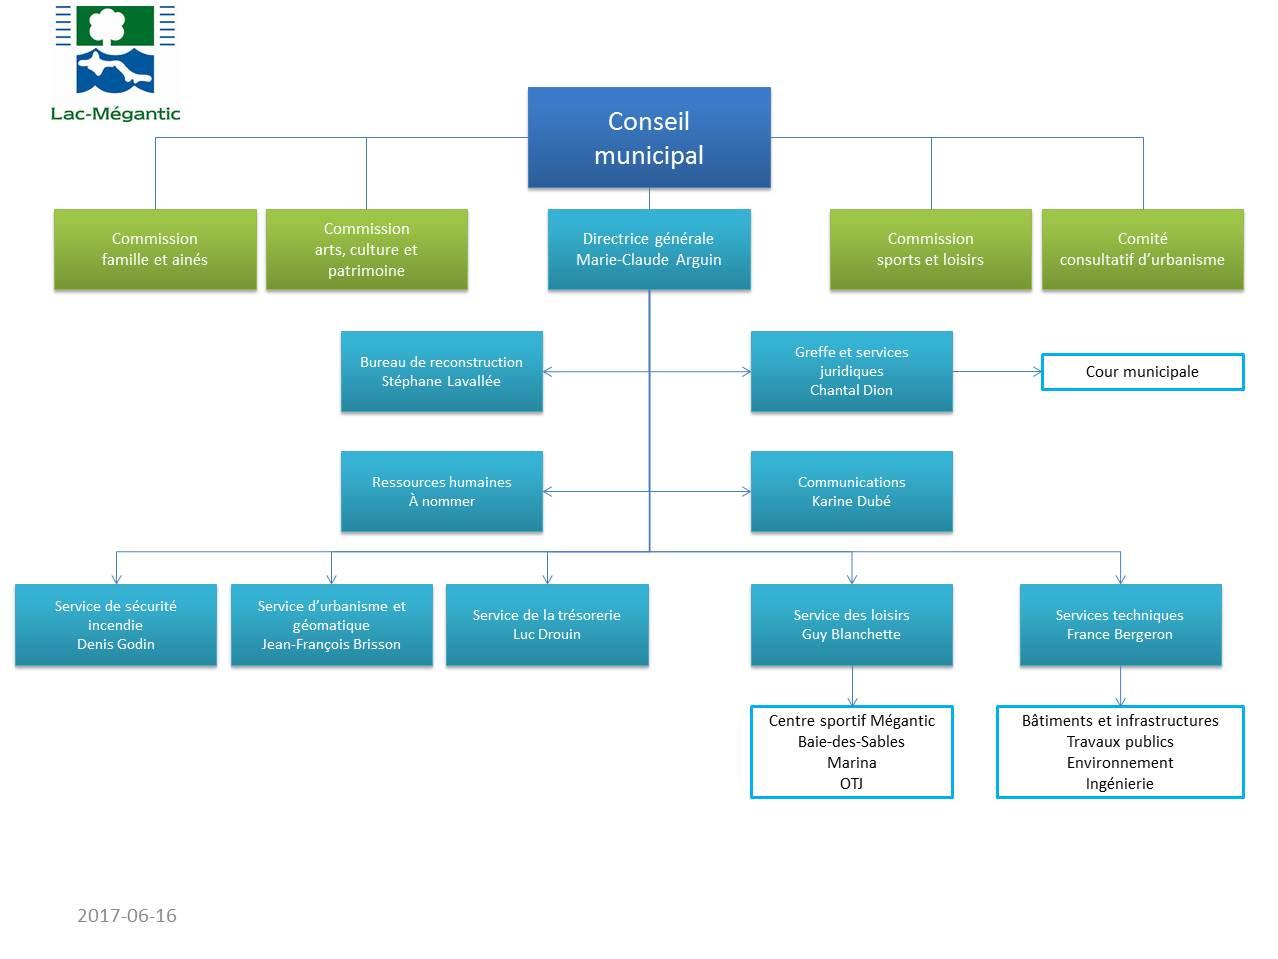 Organigramme général Ville Lac-Mégantic au 16 juin 2017